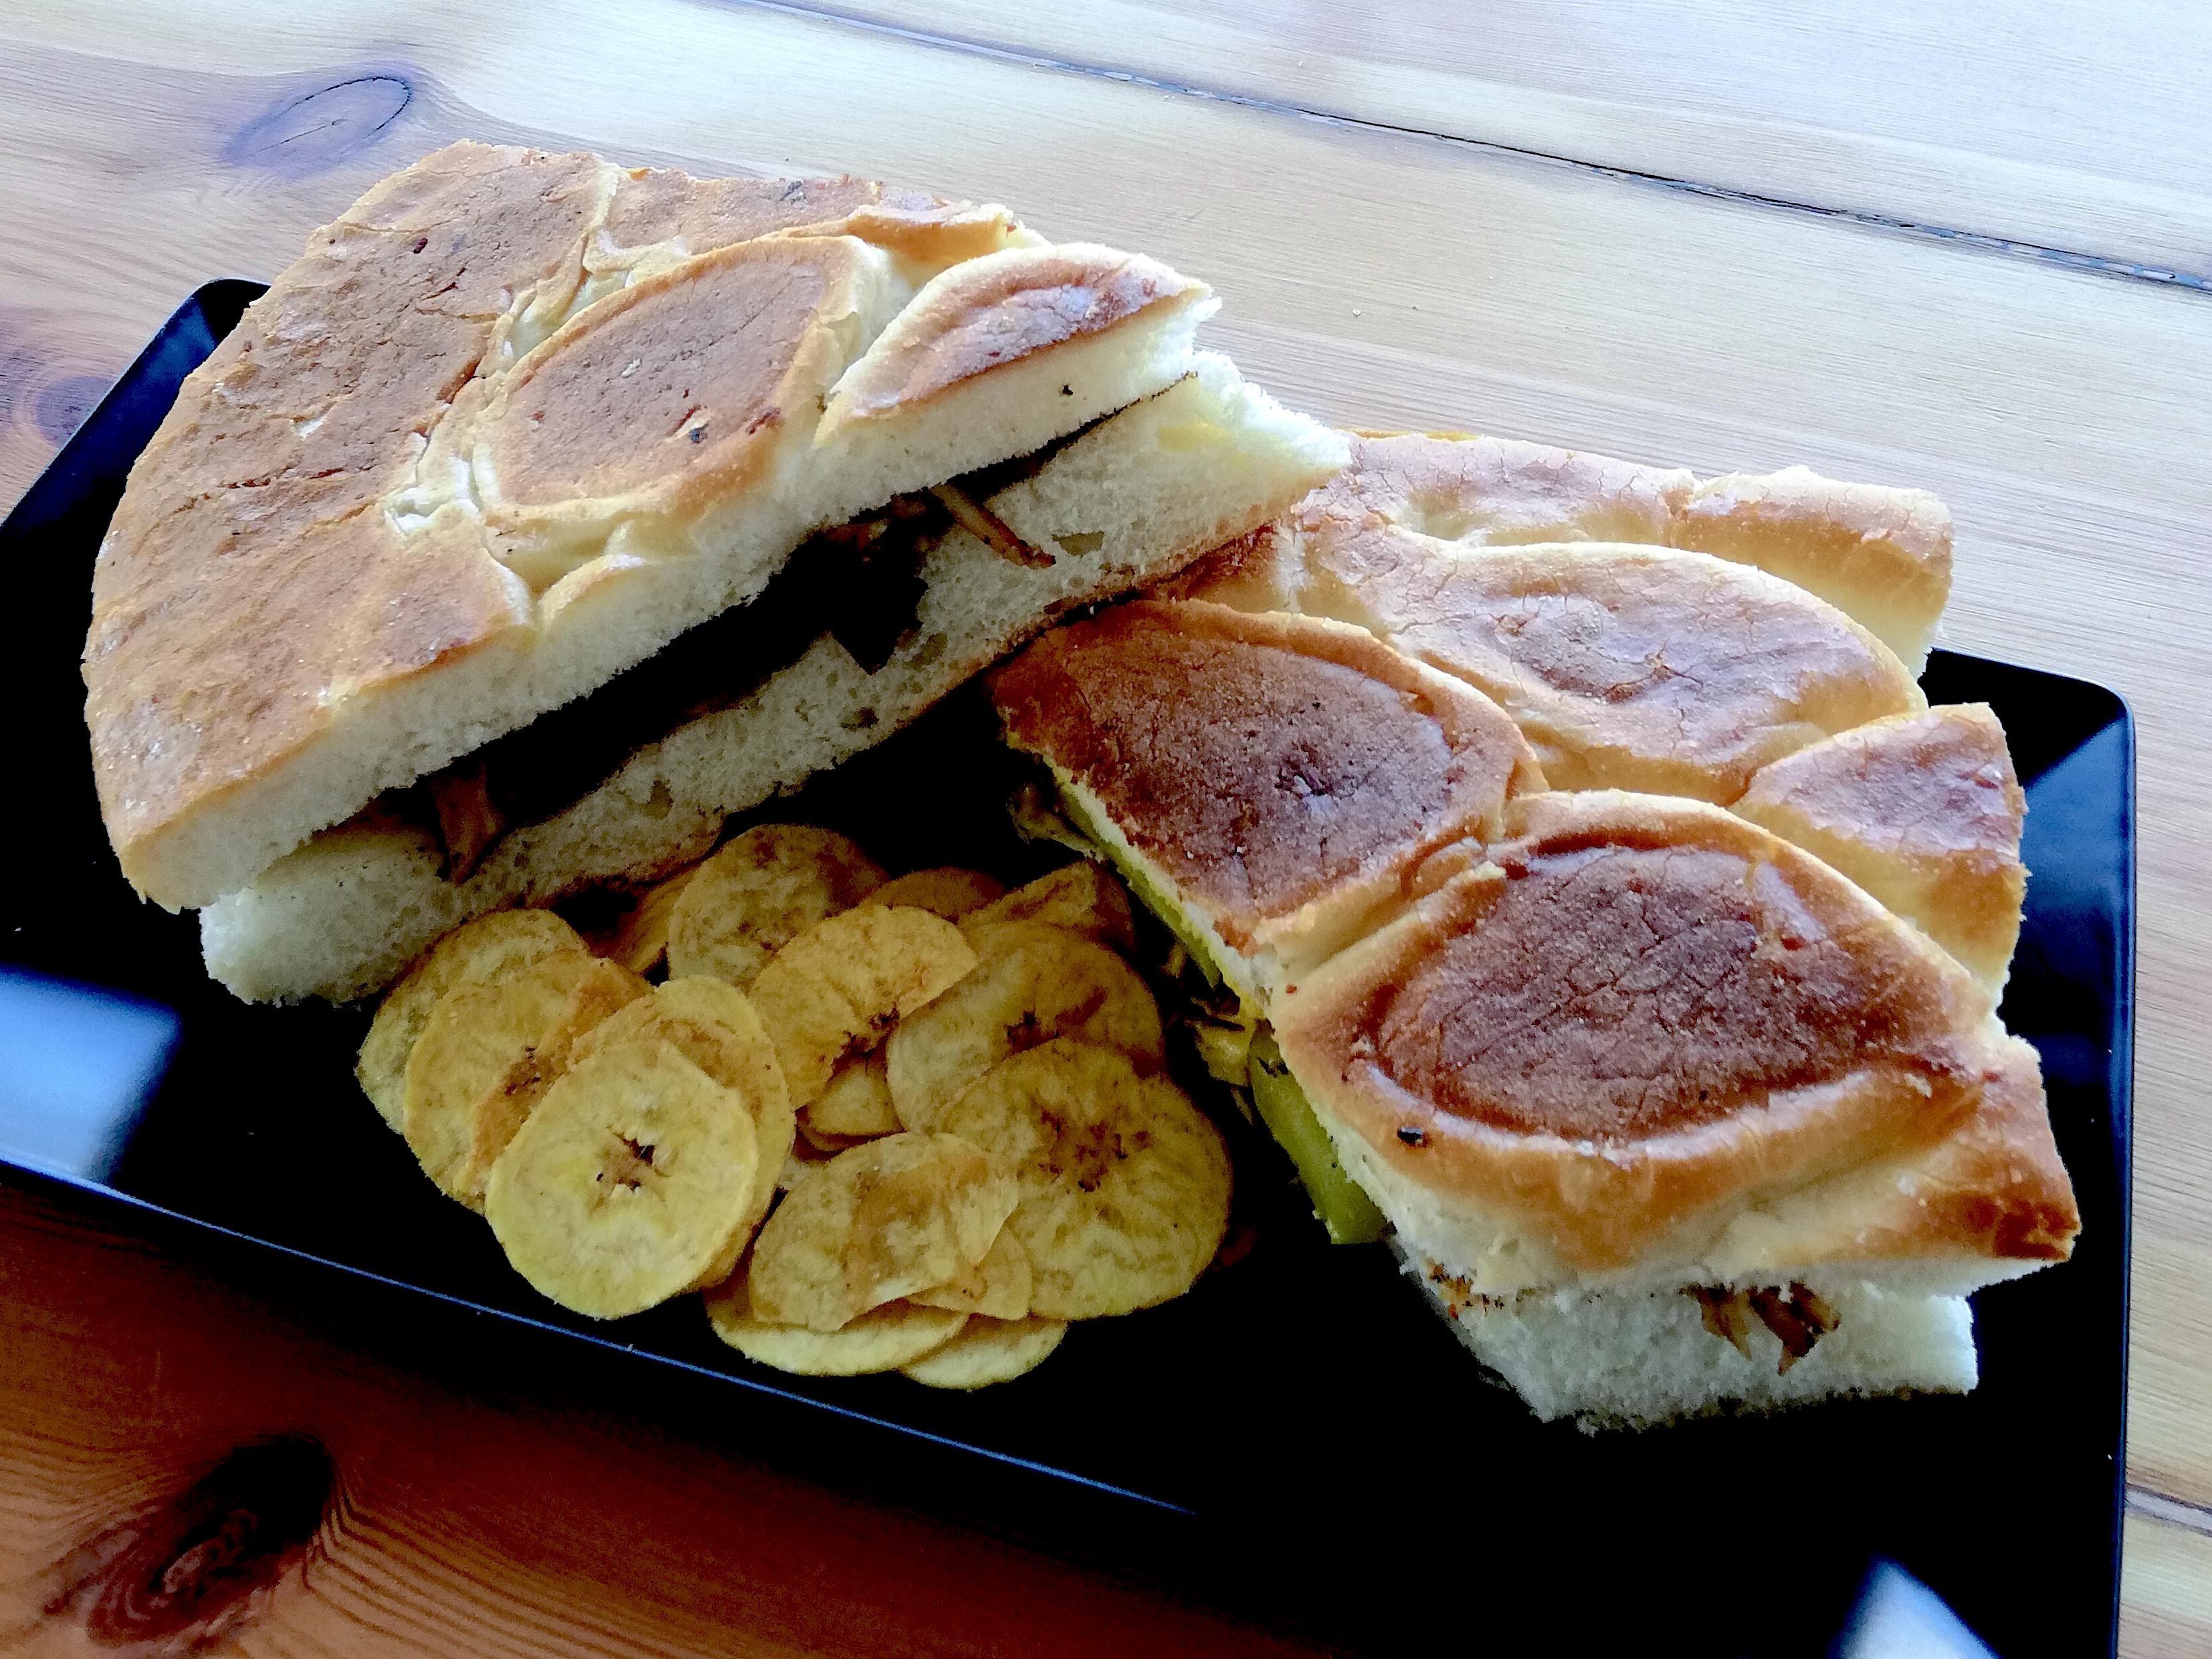 The roast pork Cubano sandwich at VT E15, Hackney Wick